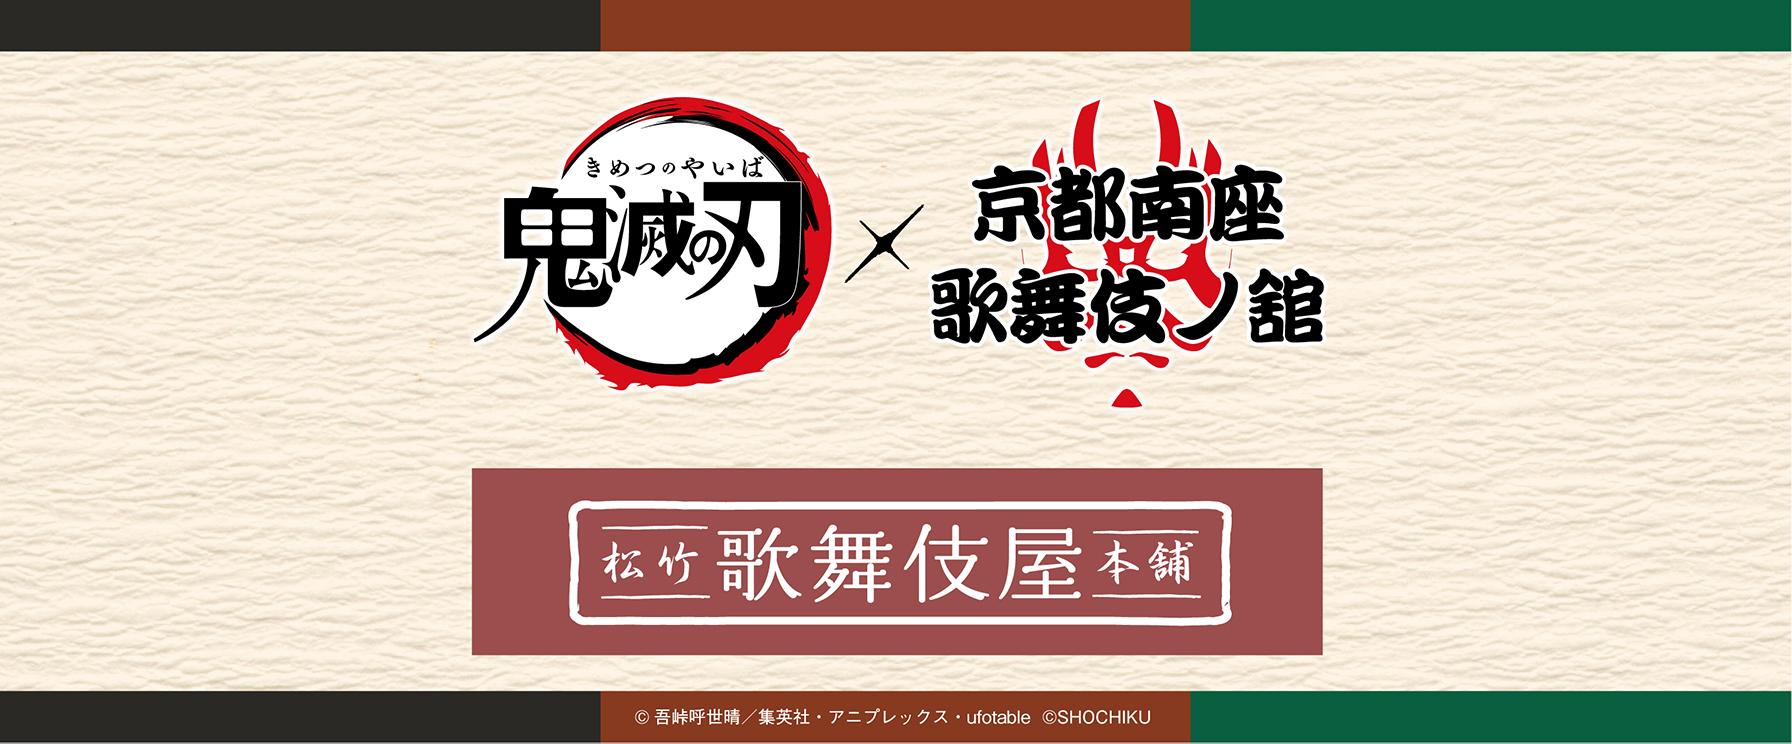 【12月27日(日)】「鬼滅の刃 × 京都南座 歌舞伎ノ舘」コラボグッズ事後物販